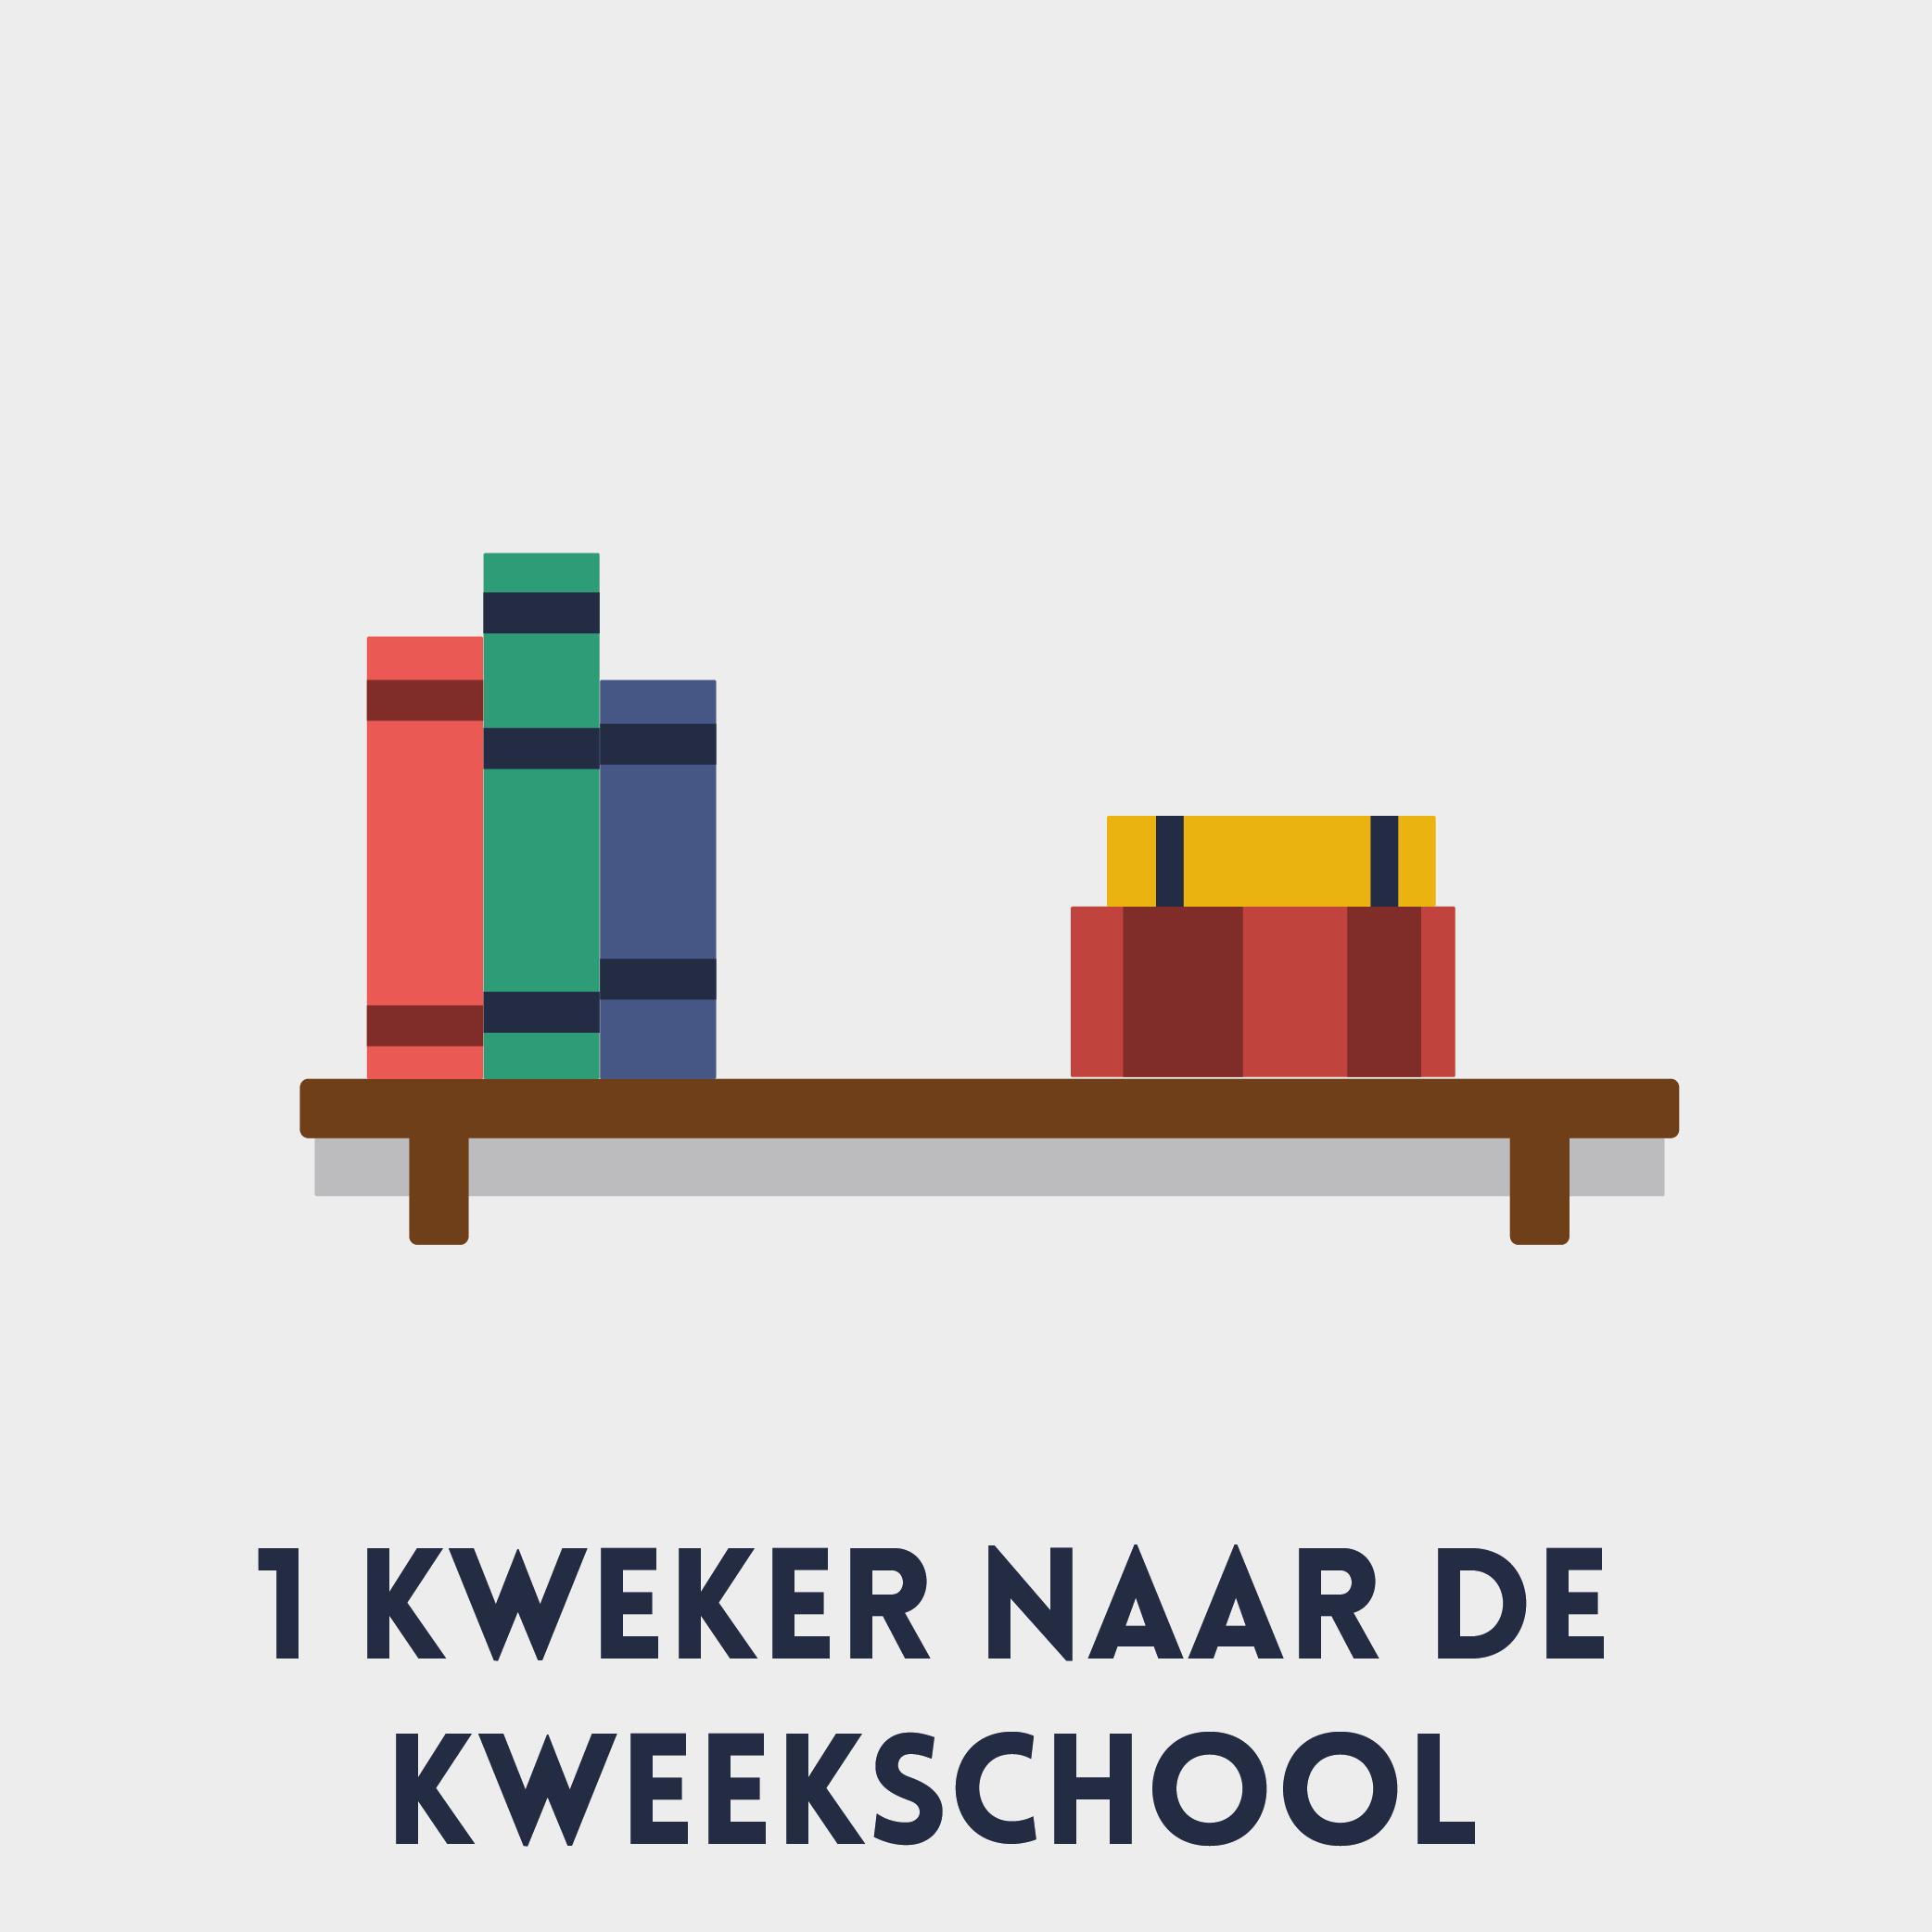 kweekschool_Tekengebied 1-03